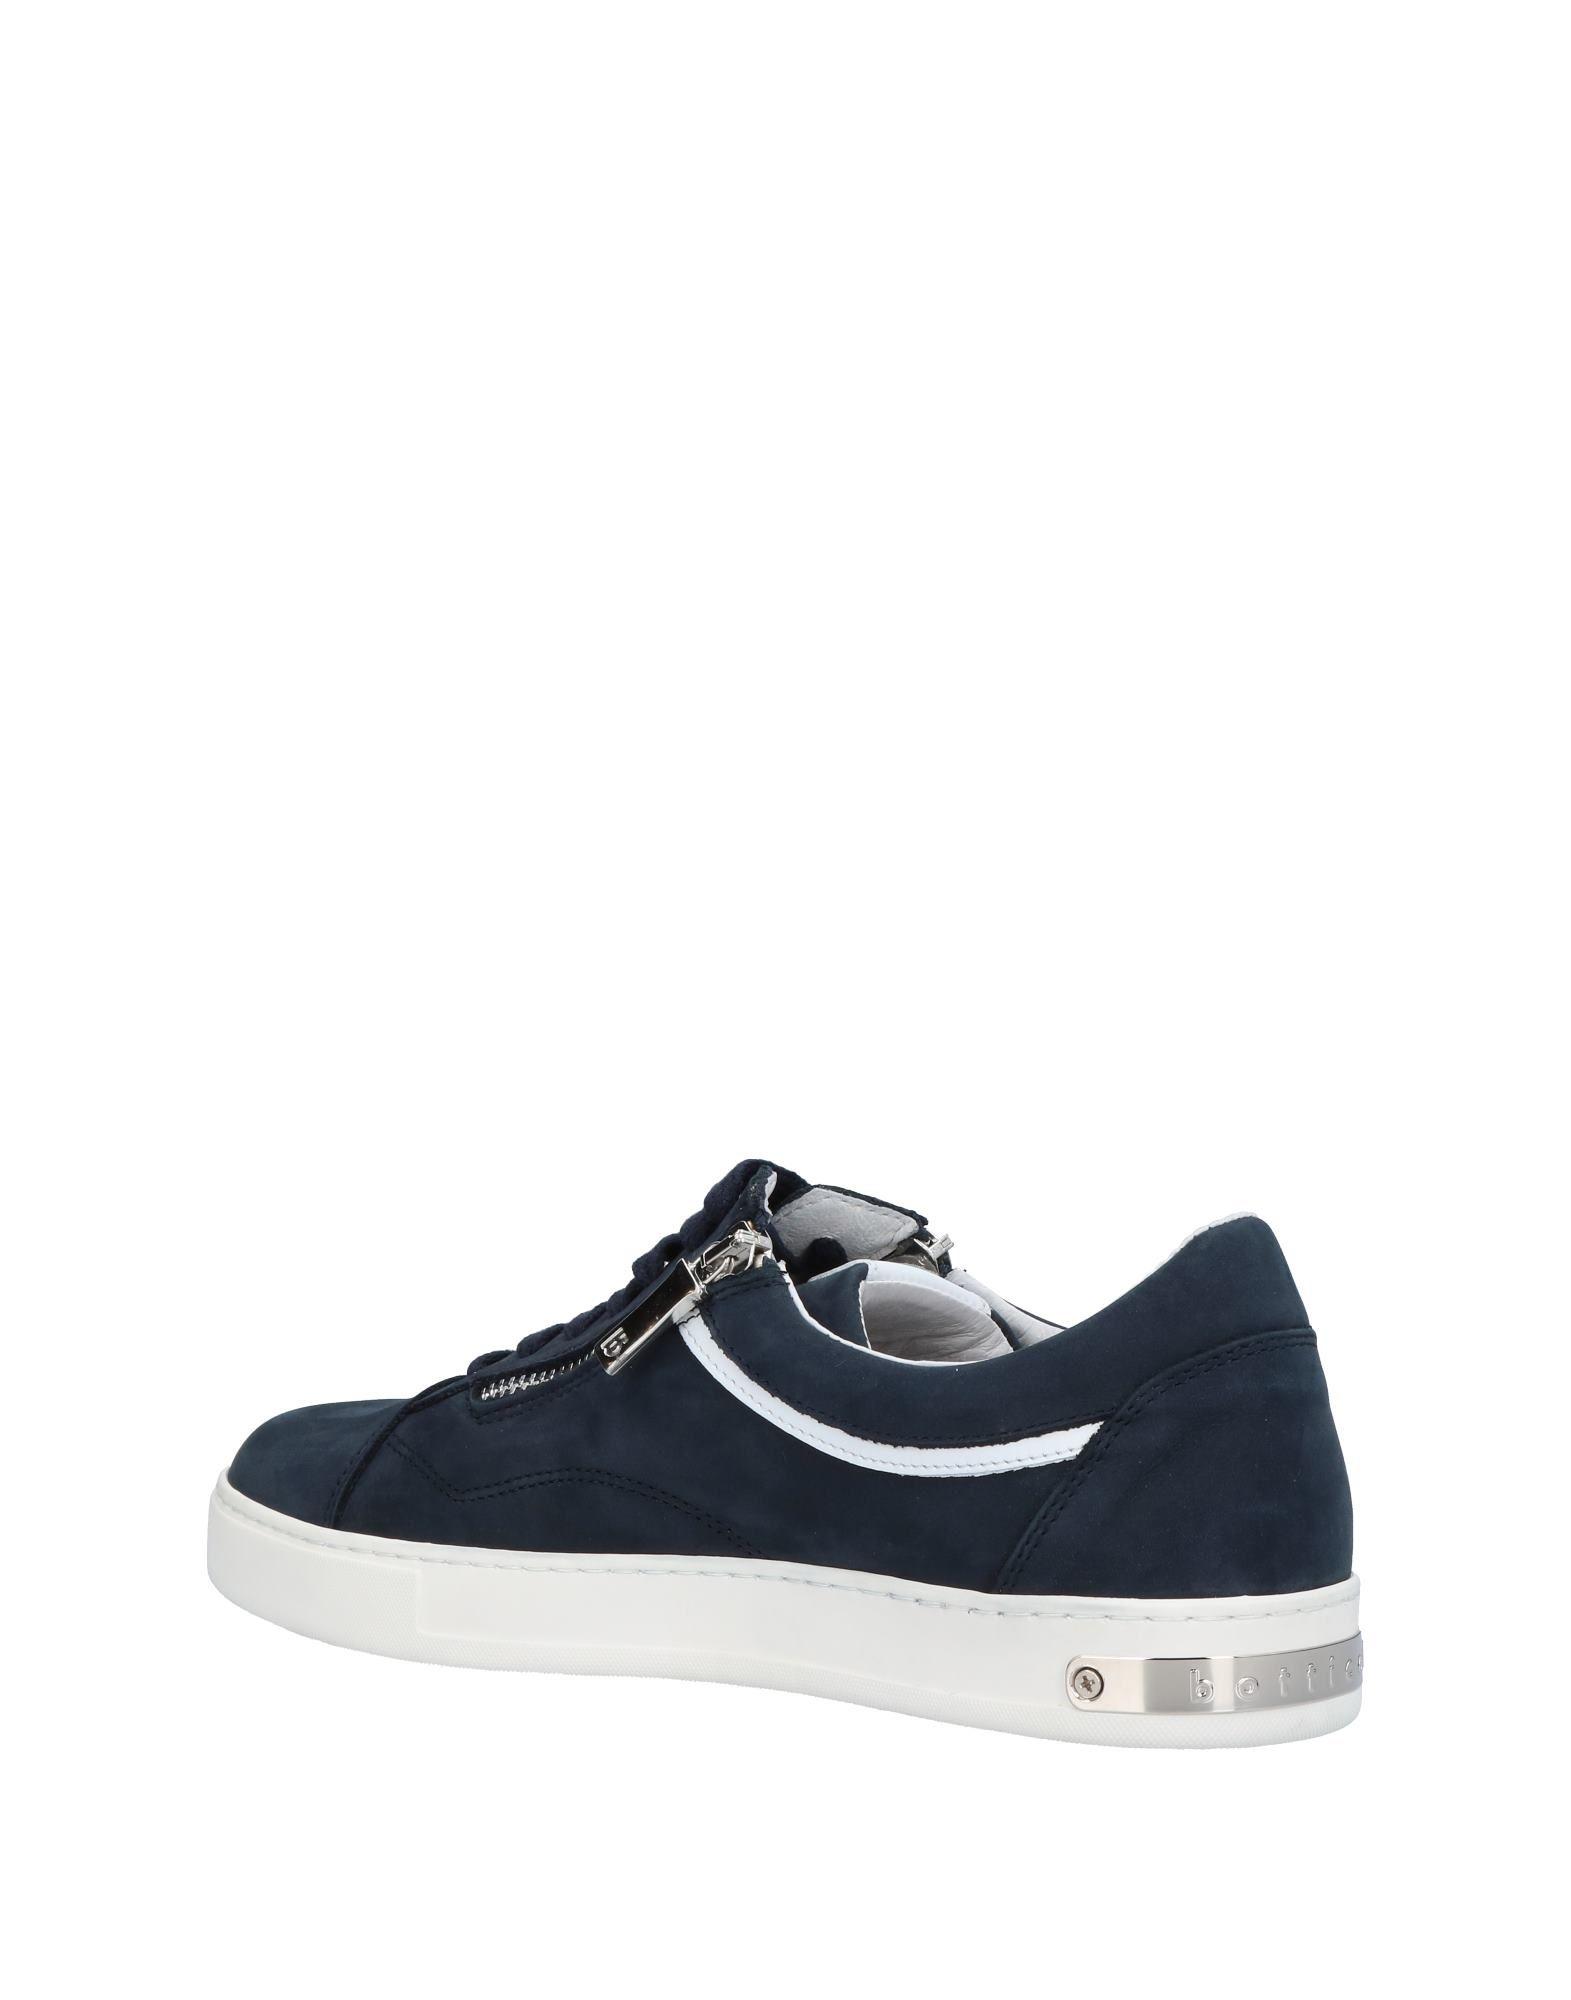 Roberto Botticelli Sneakers 11405602UV Herren  11405602UV Sneakers Neue Schuhe 32f013